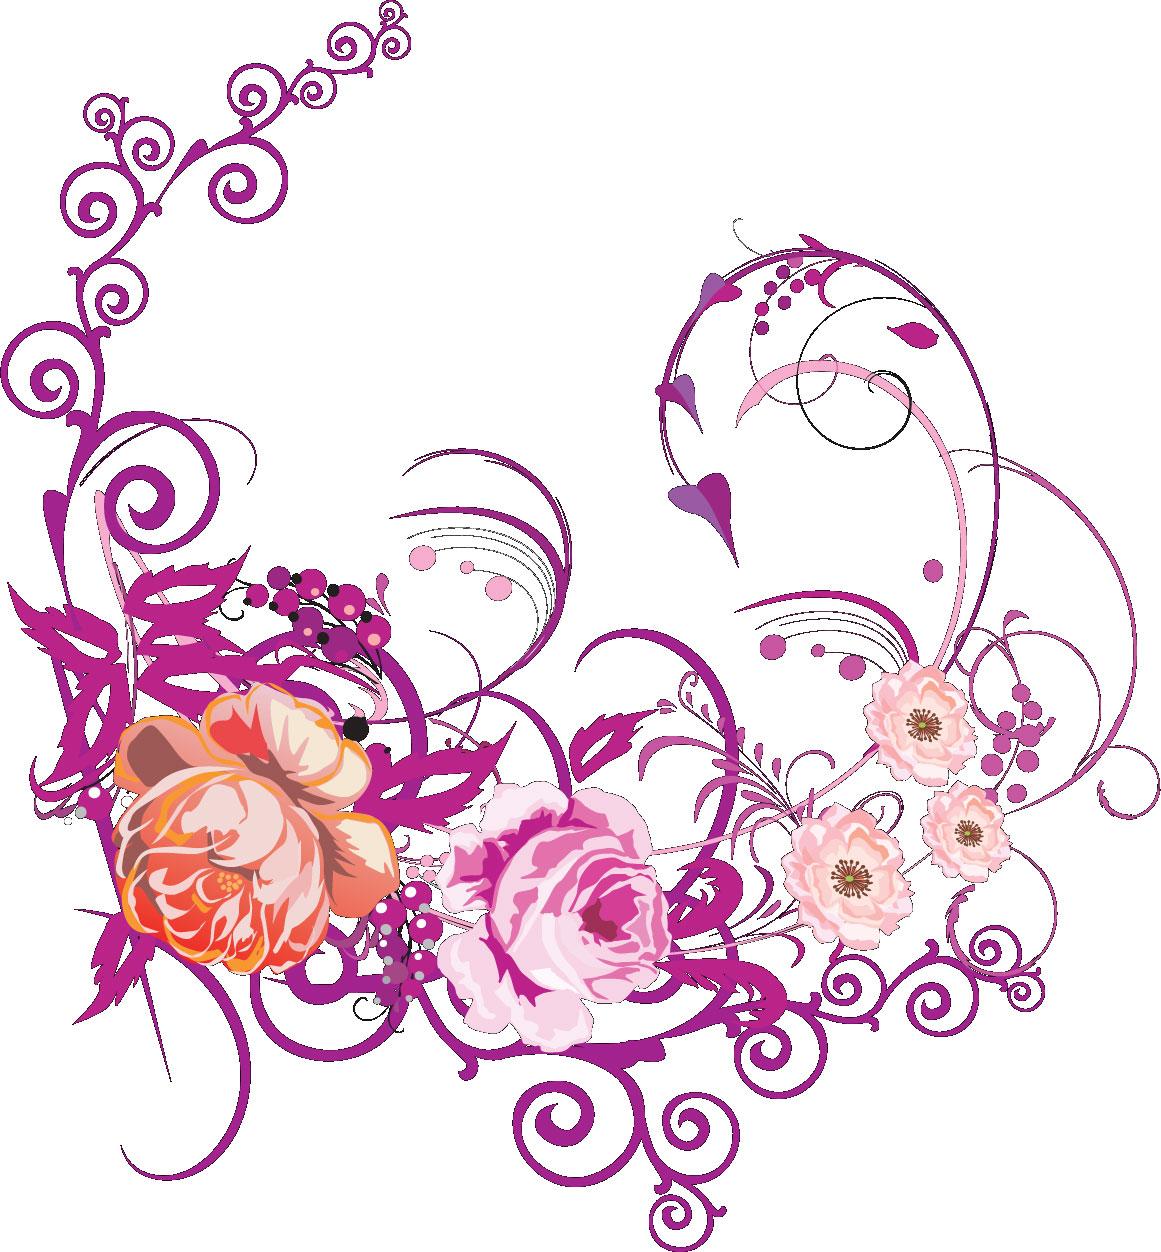 リアルタッチな花のイラスト・フリー素材/no.636『ピンク・紫』